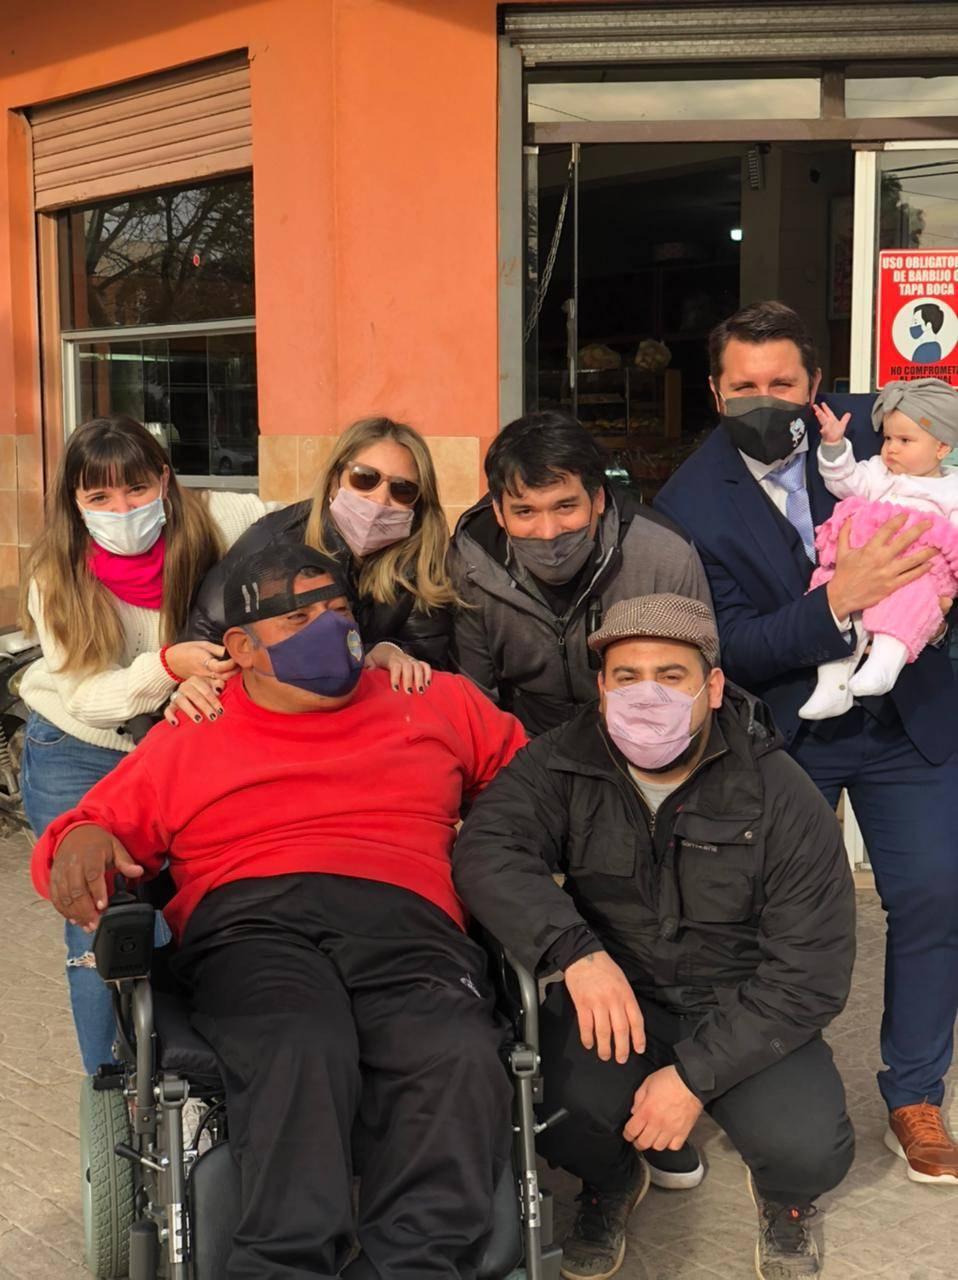 Acto solidario: luego de una colecta Solidaria pudieron comprar una silla de ruedas para